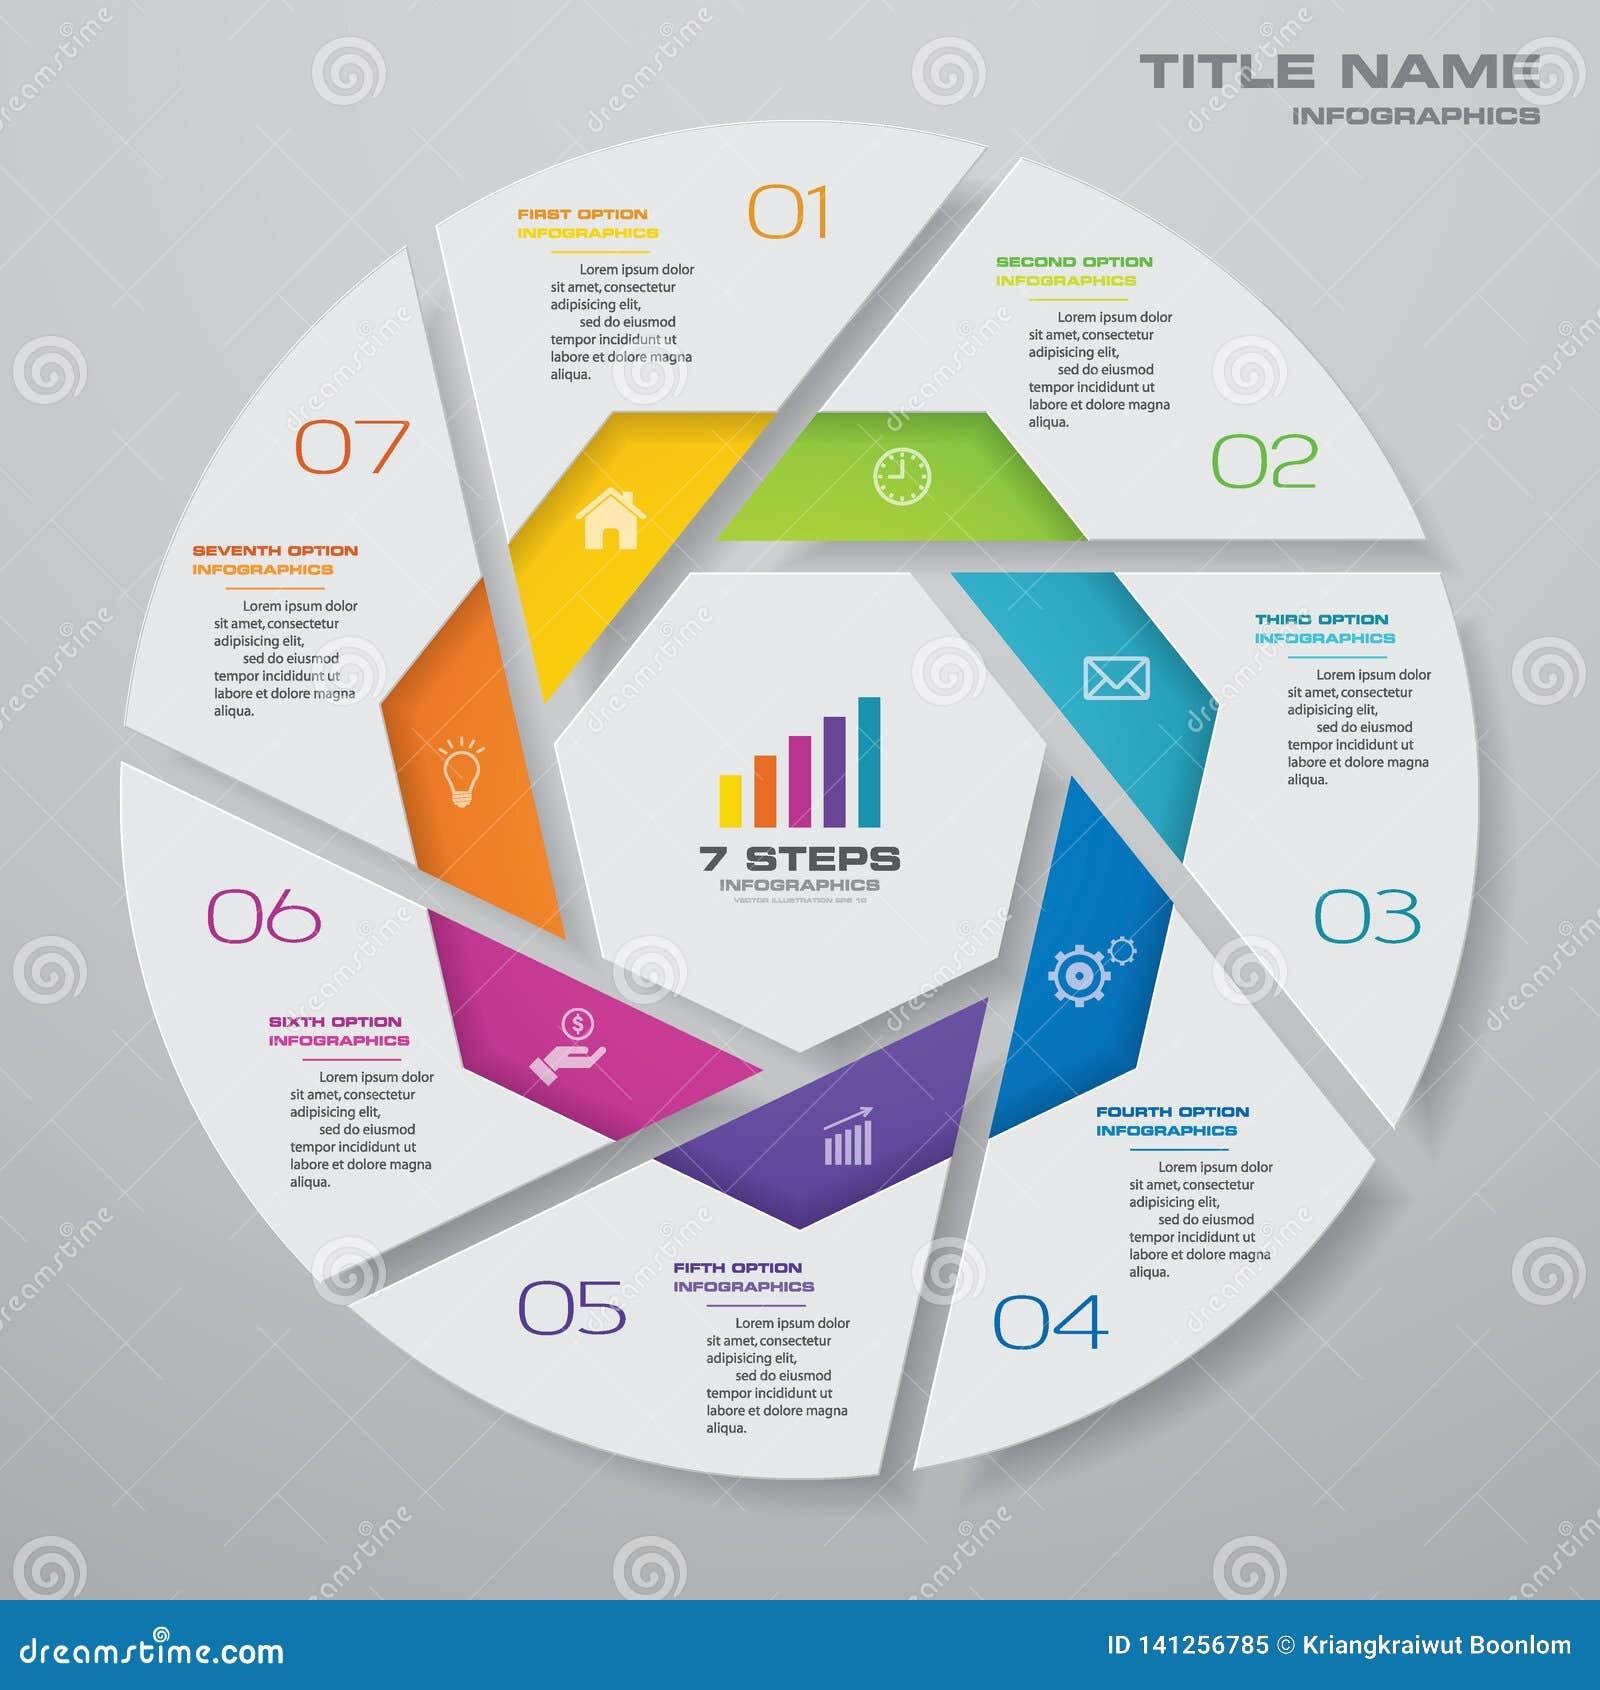 7 στοιχεία infographics διαγραμμάτων κύκλων βημάτων για την παρουσίαση στοιχείων